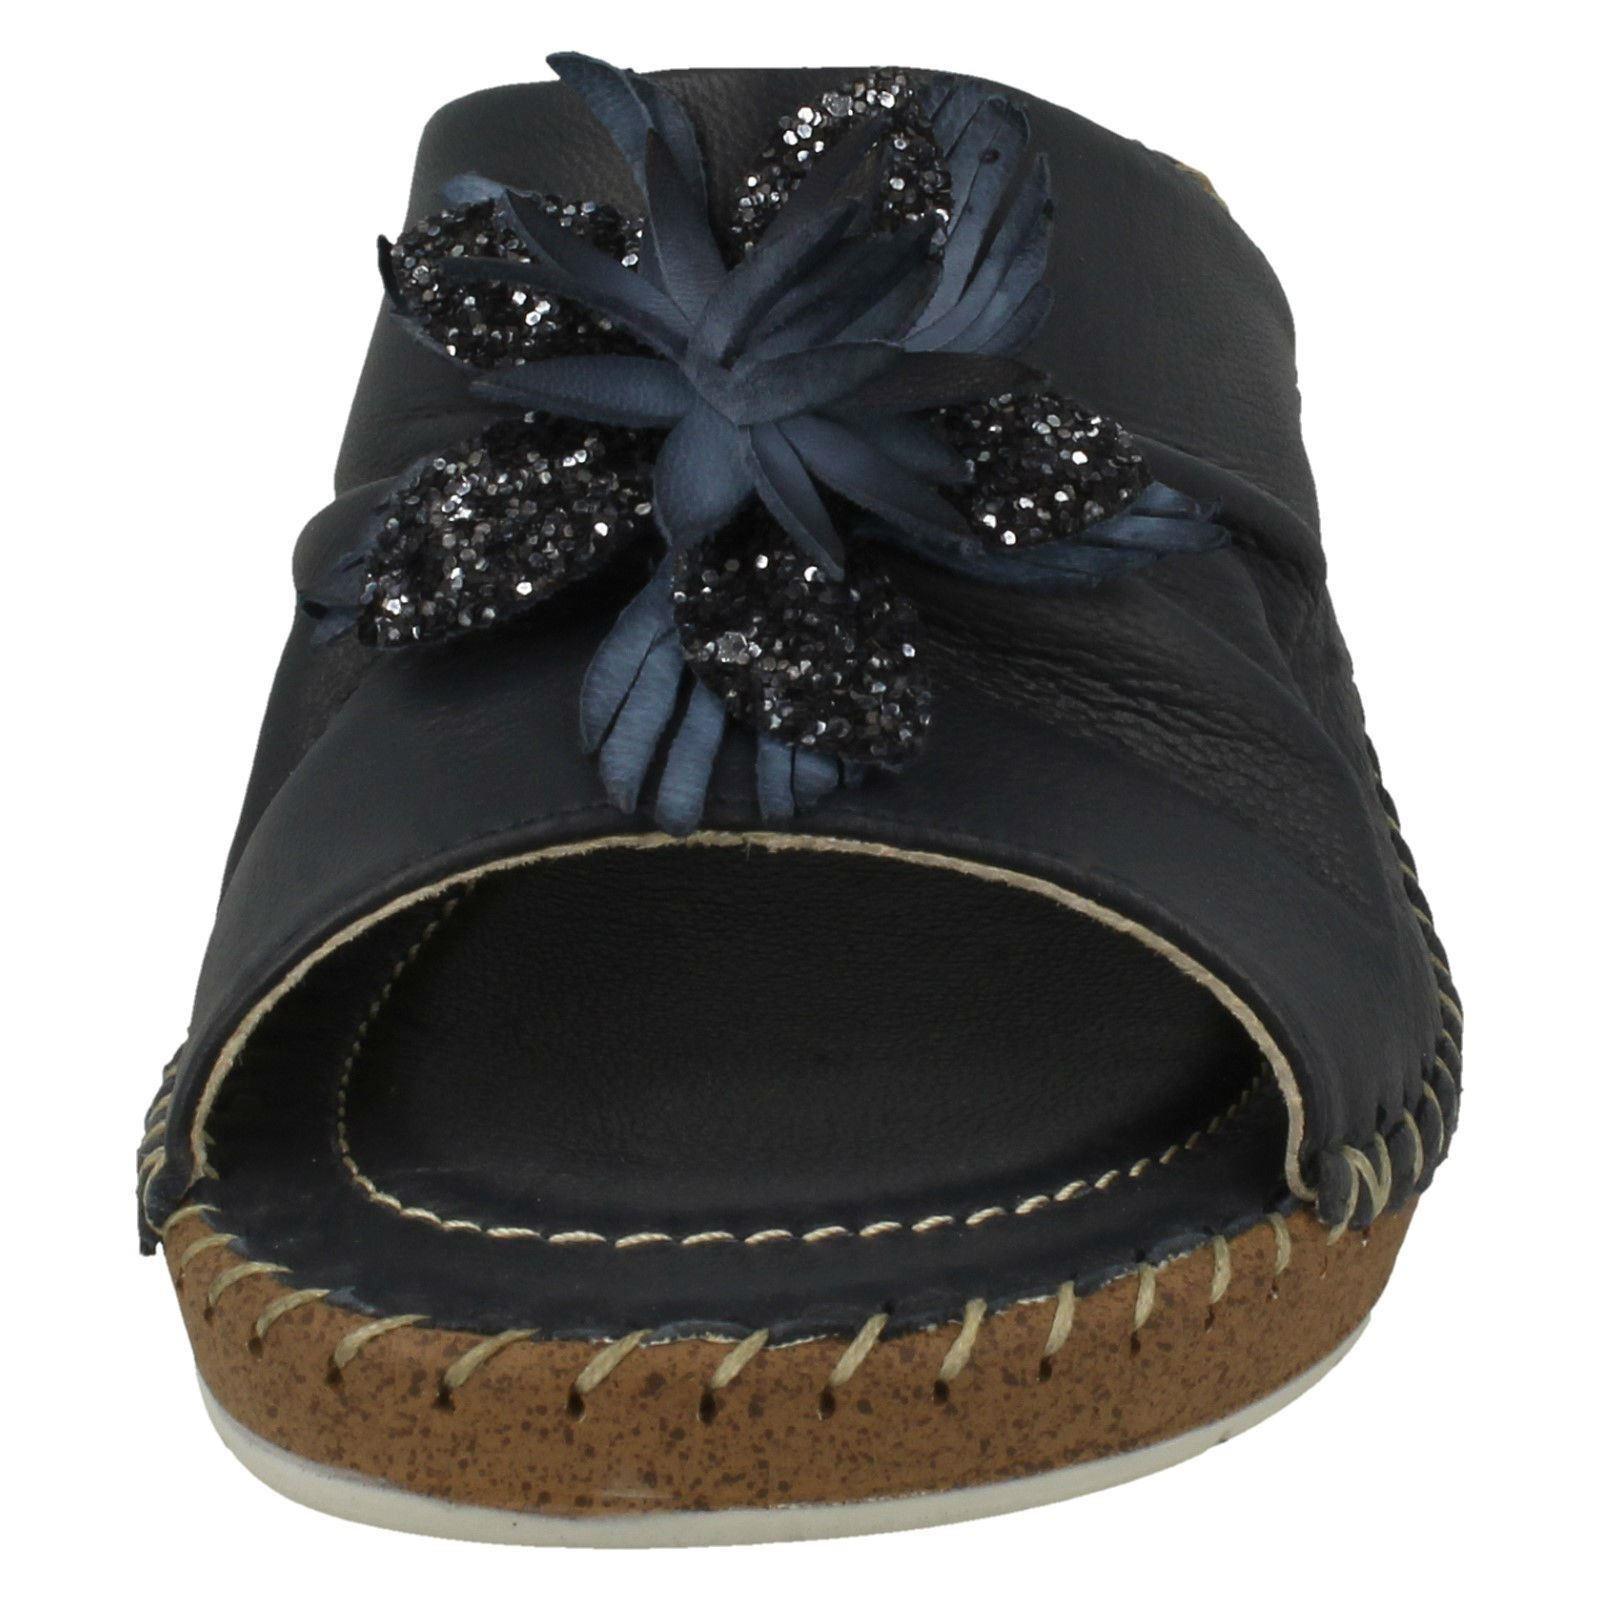 Ladies-Van-Dal-Wedge-Heel-Mule-Sandals-039-Banks-039 thumbnail 14